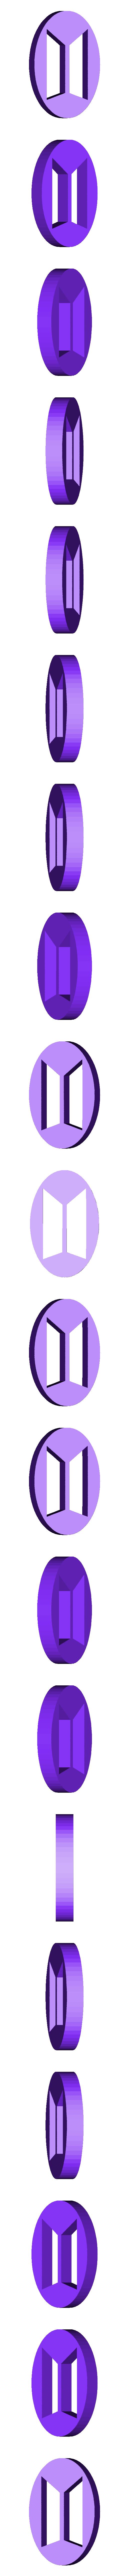 bts_logo.stl Télécharger fichier STL gratuit Support pour casque d'écoute BTS • Design pour imprimante 3D, CheesmondN